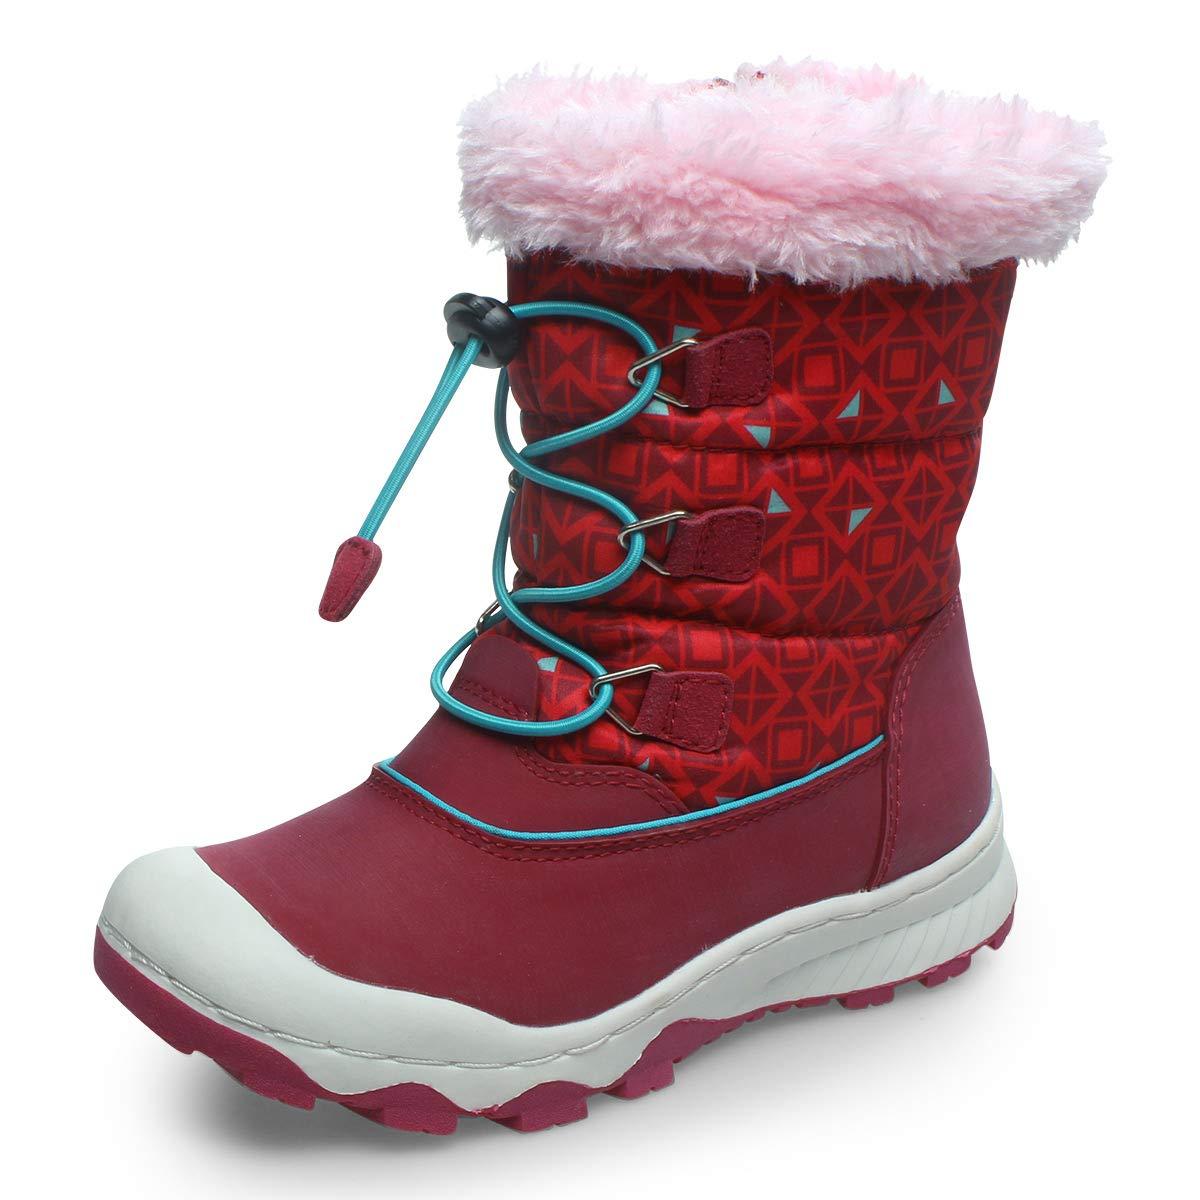 UOVO Youwo女の子の靴冬の新しい野生の雪の靴子供のブーツ子供プラスベルベットの綿のブーツ韓国のクロスボーダーホットウィスラー購入する画像のサイズチャートを参照してください